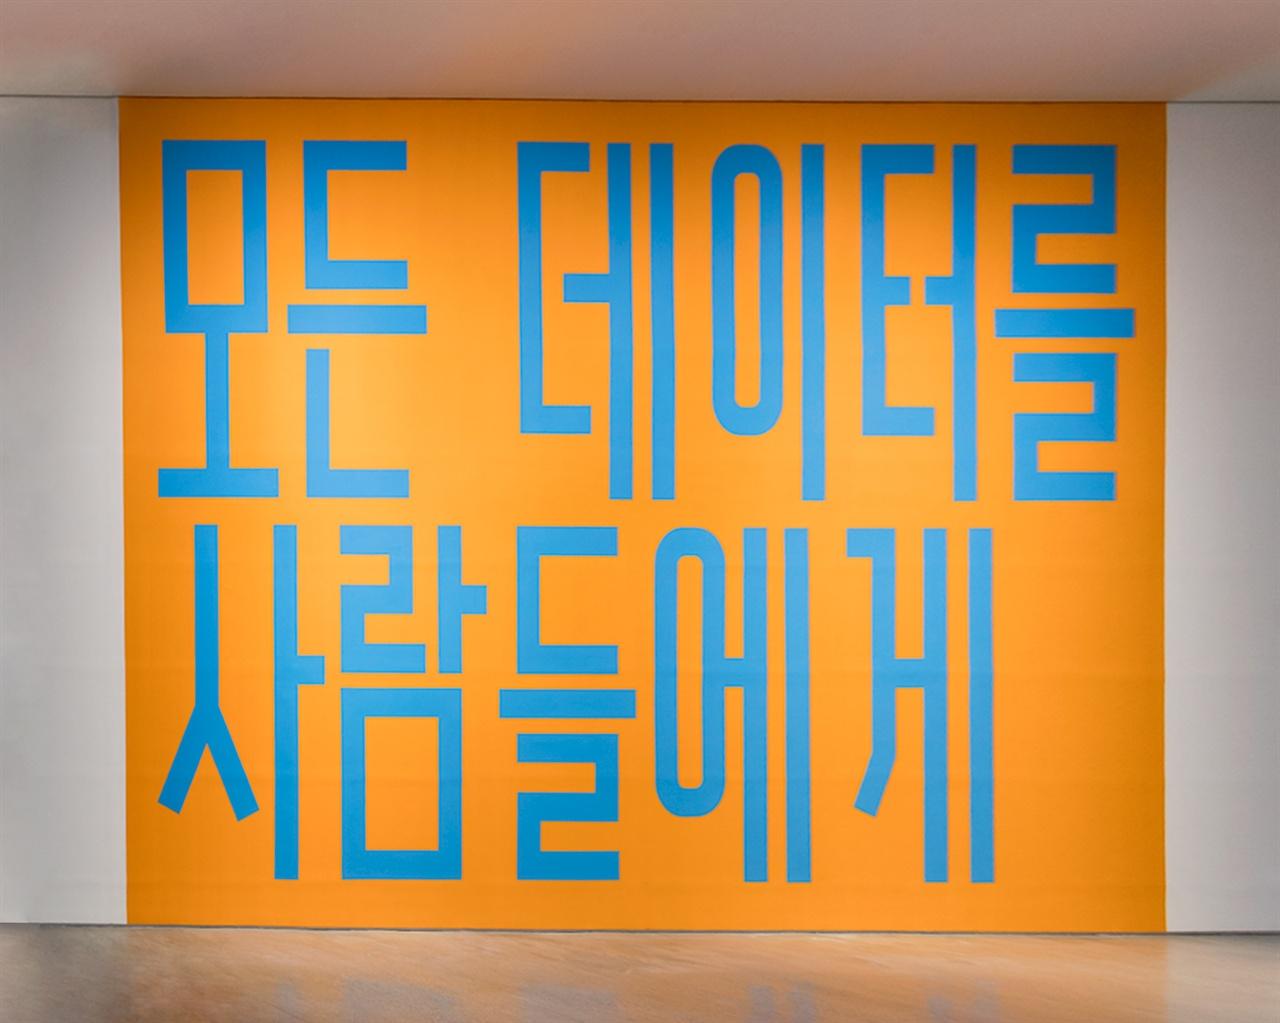 수퍼플렉스, 모든 데이터를 사람들에게, 2019, 벽화, 690×1050cm, 사진 국립현대미술관 제공